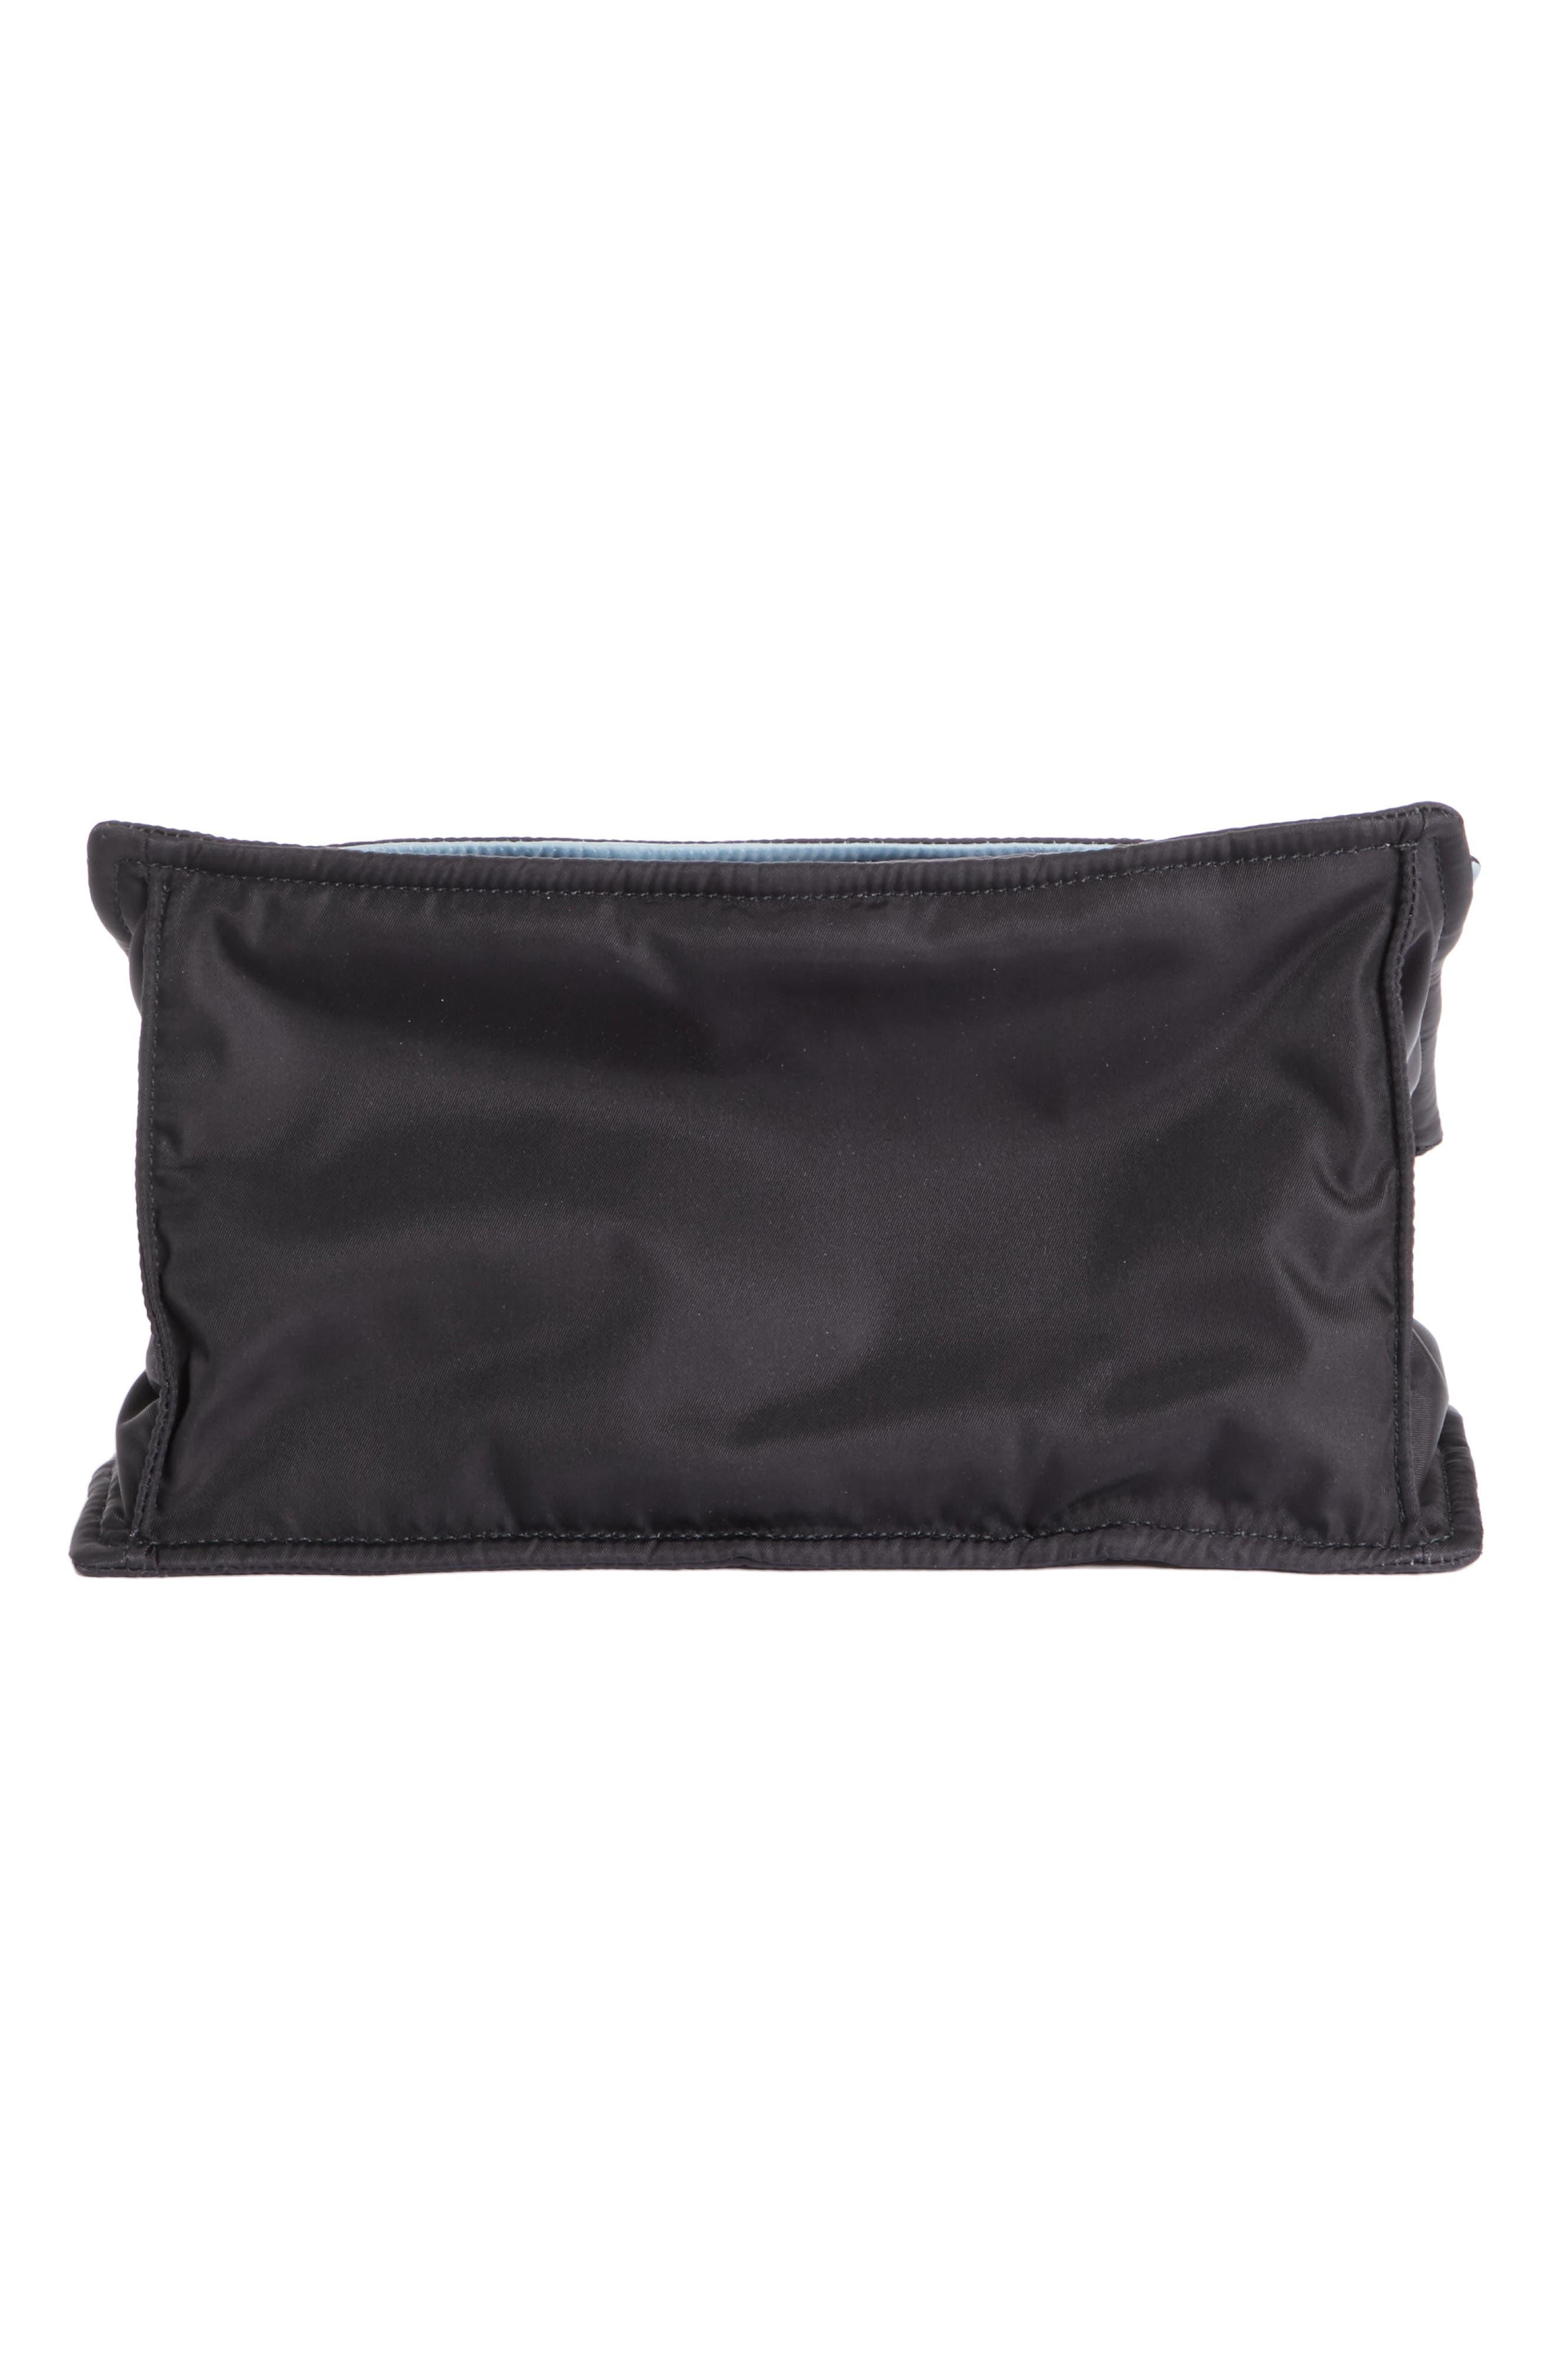 Medium Etiquette Tessuto Bag,                             Alternate thumbnail 6, color,